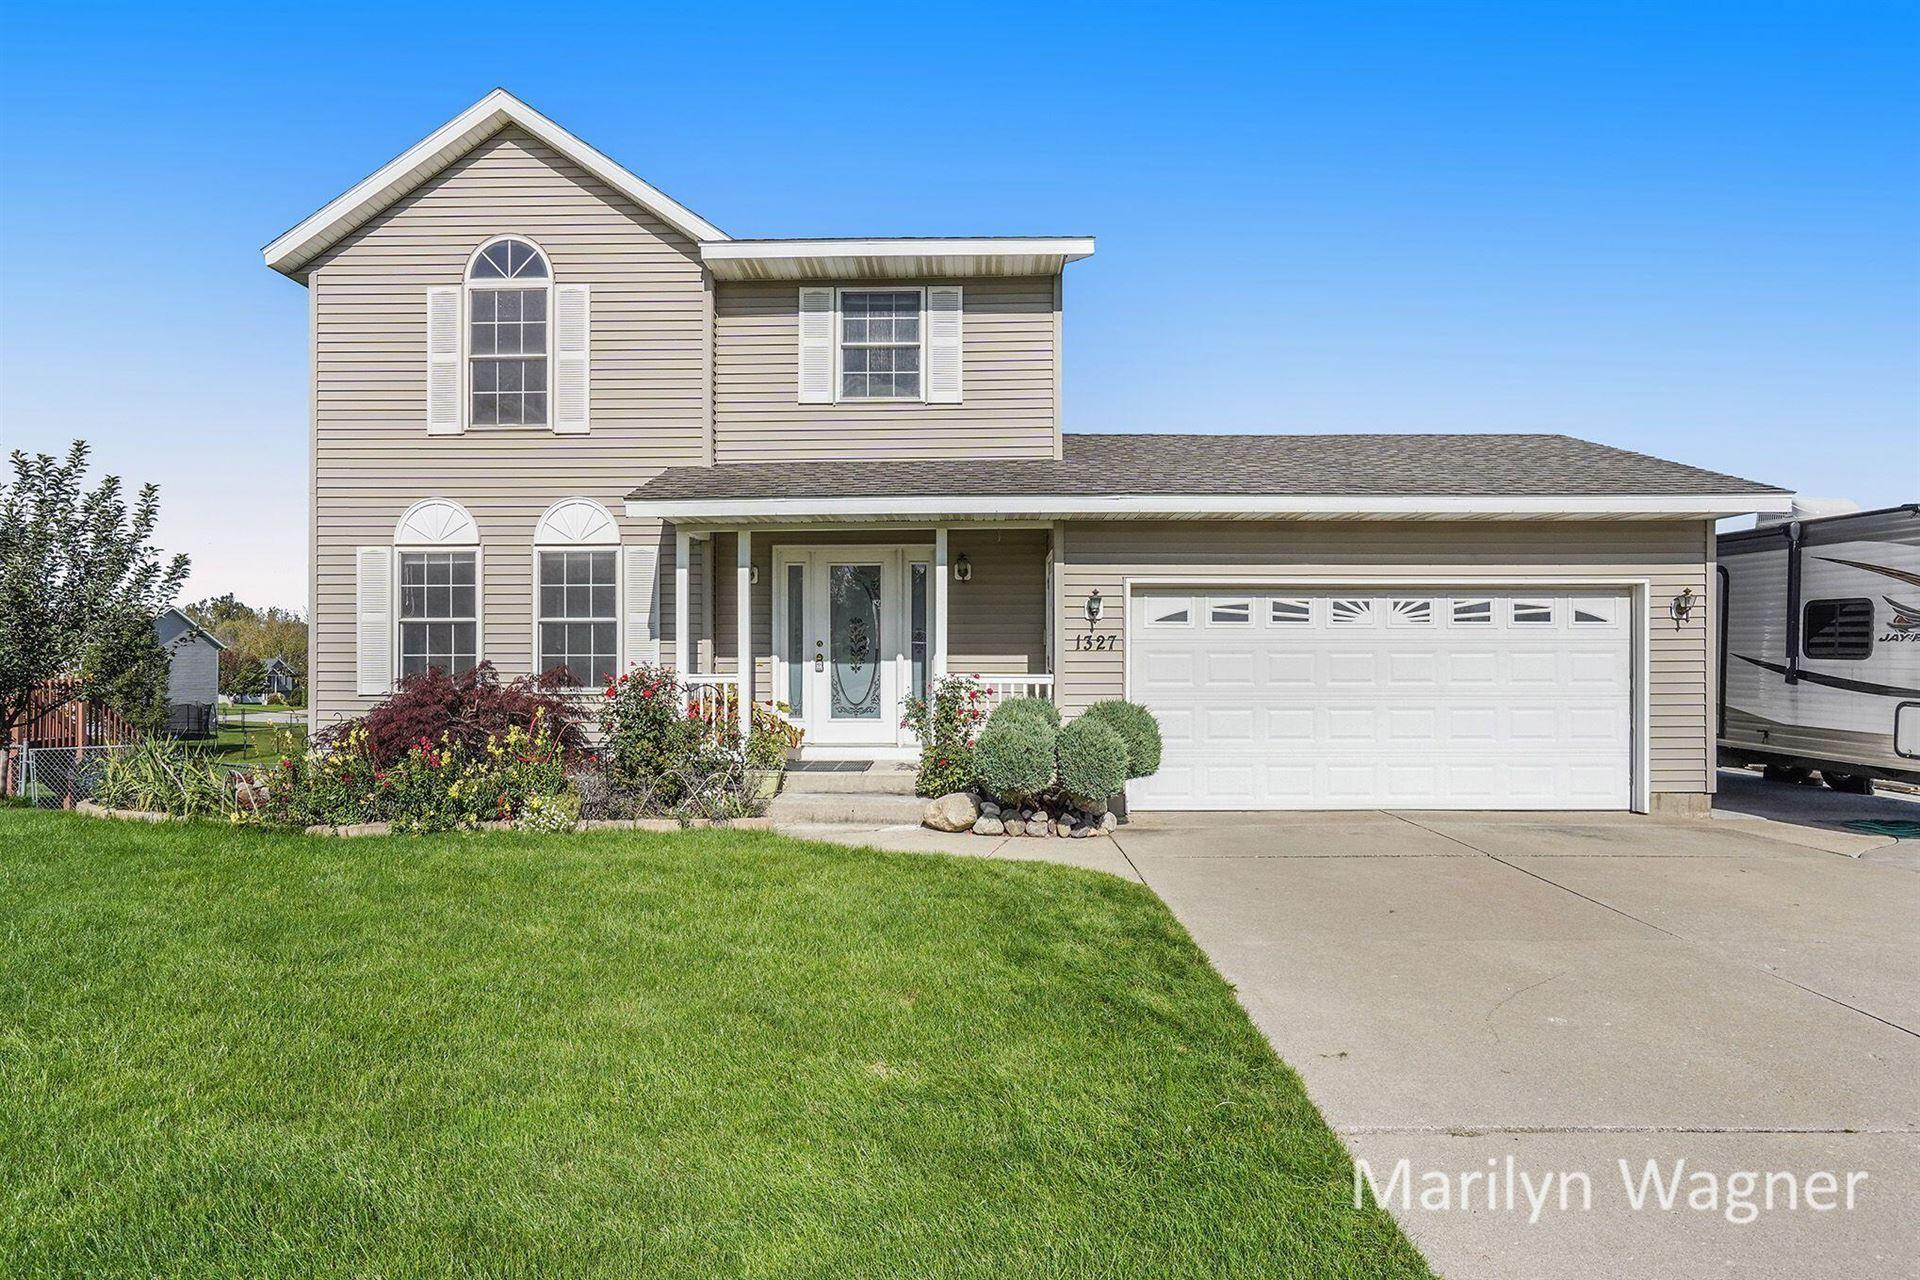 1327 Canary Grass Drive SE, Grand Rapids, MI 49508 - MLS#: 21112506